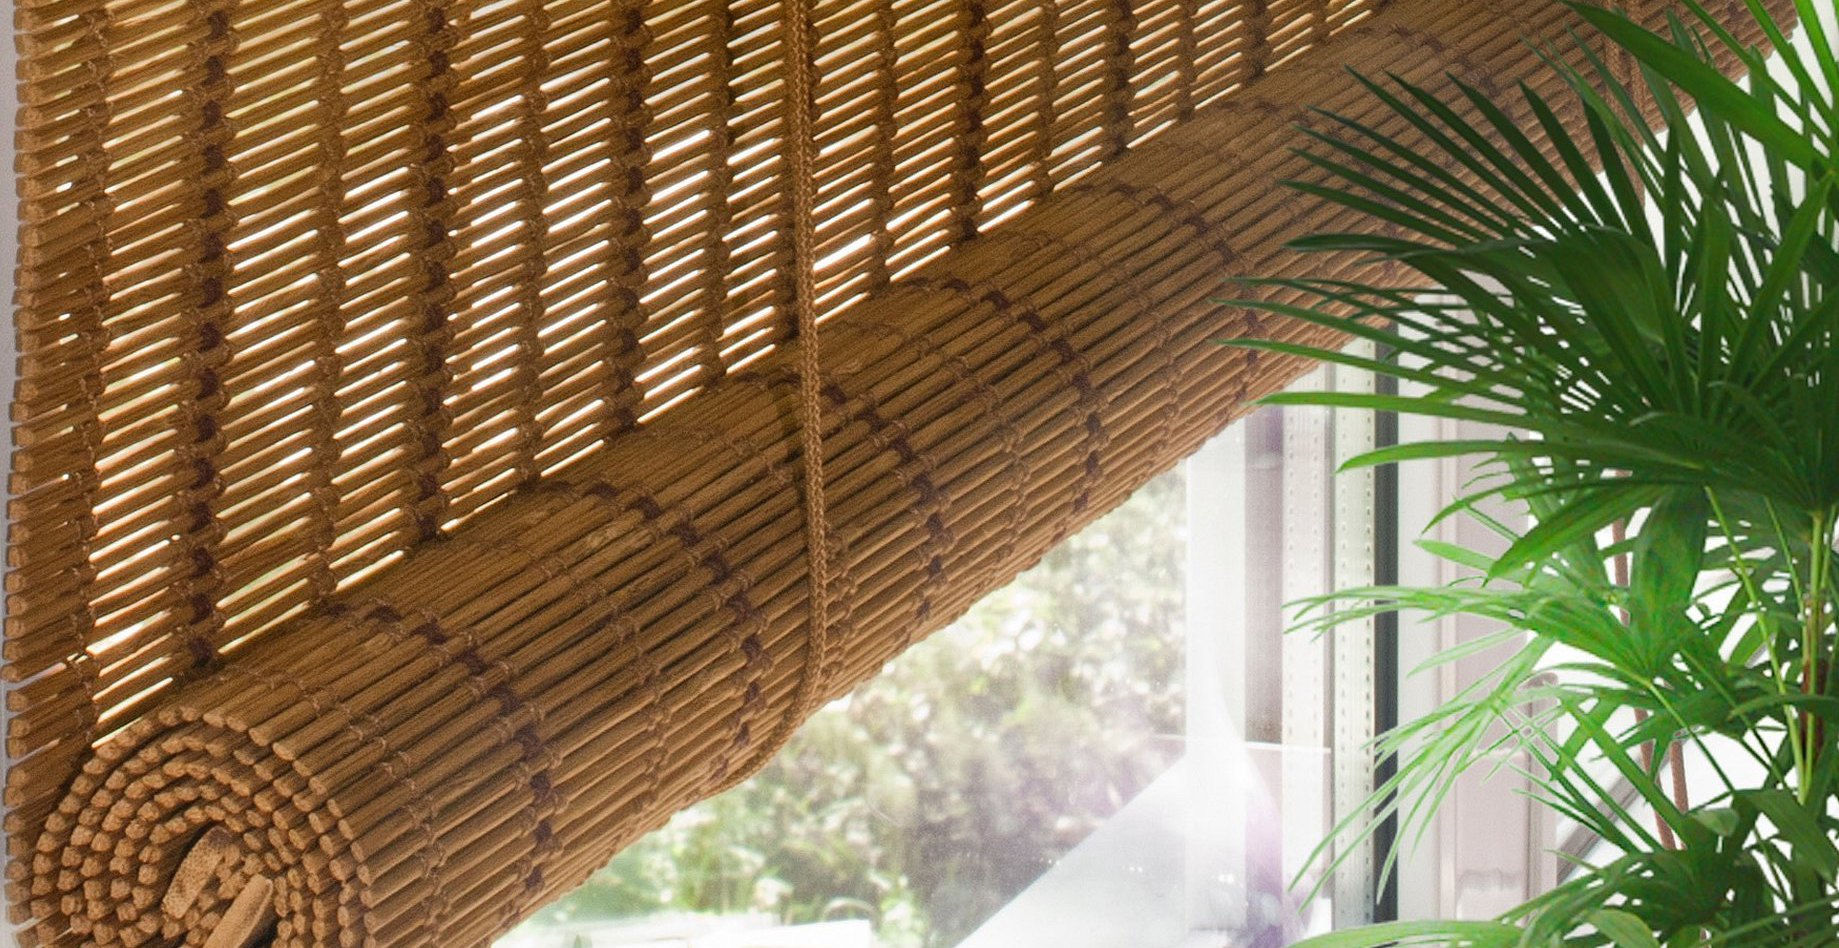 Купить рулонные бамбуковые жалюзи